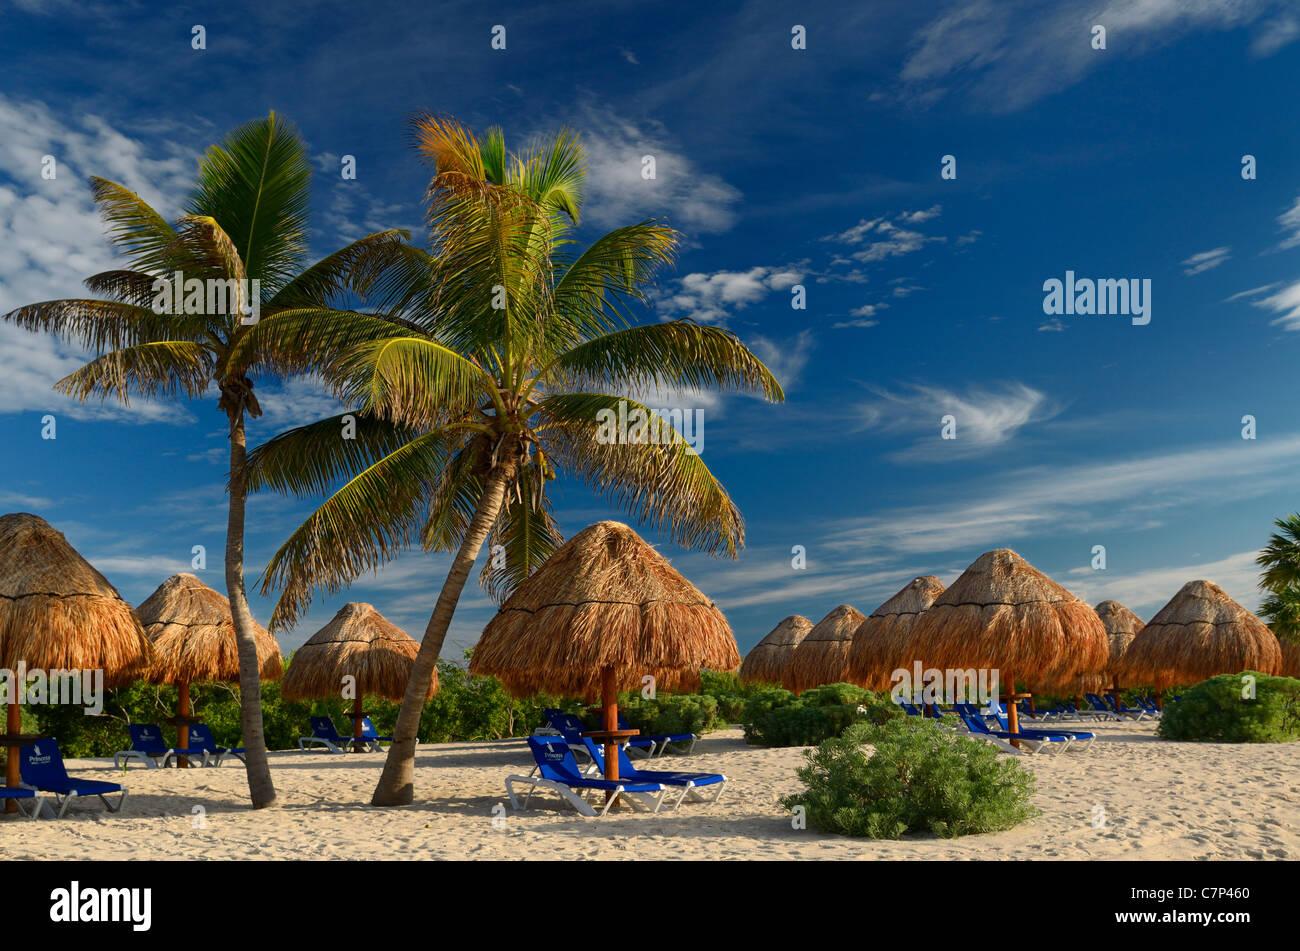 La plage de la Riviera Maya vide avec des chaises longues et des parasols en chaume des cocotiers au Mexique Photo Stock